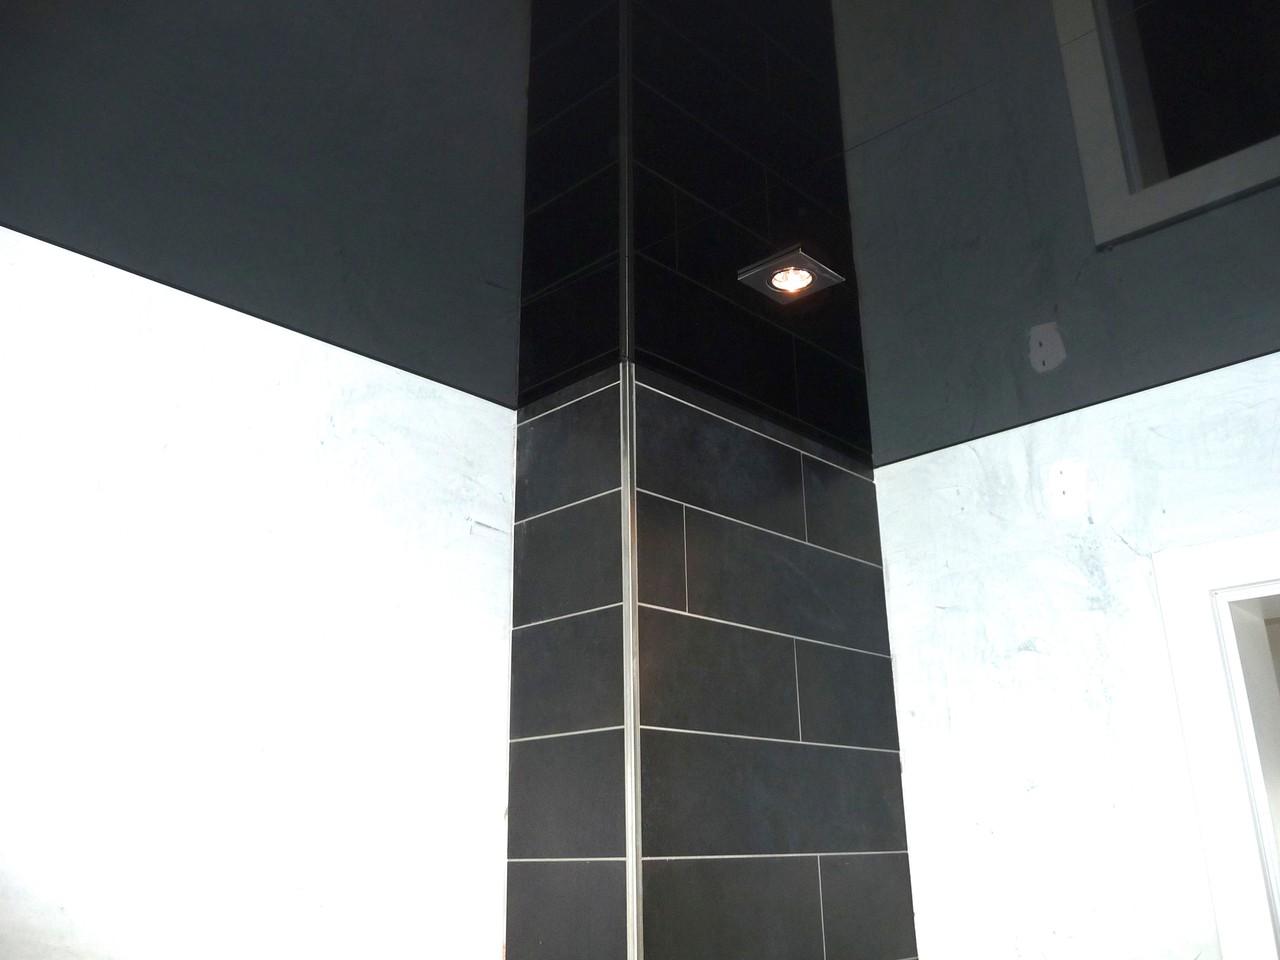 Spanndecke schwarz Lack mit Schattenfuge